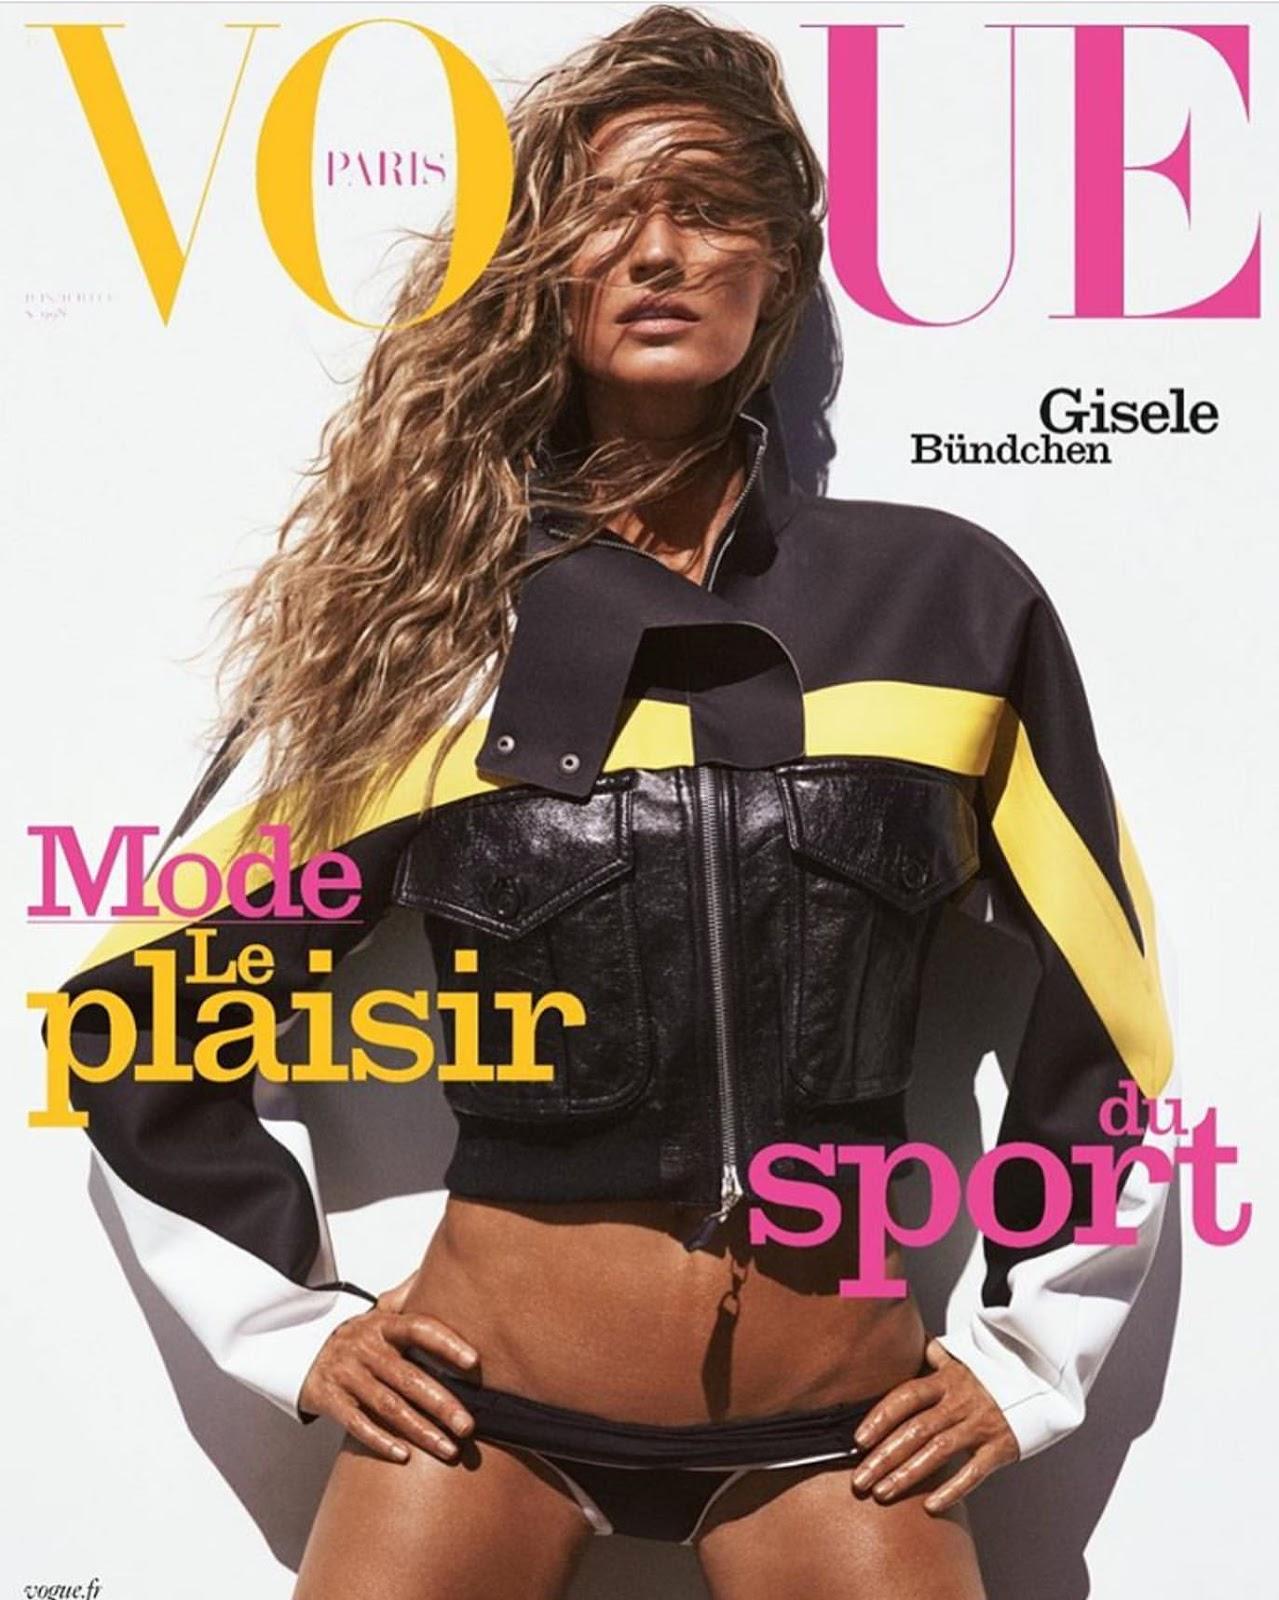 Gisele Bundchen by Mikael Jansson for Vogue Paris June-July 2019 (21).jpg